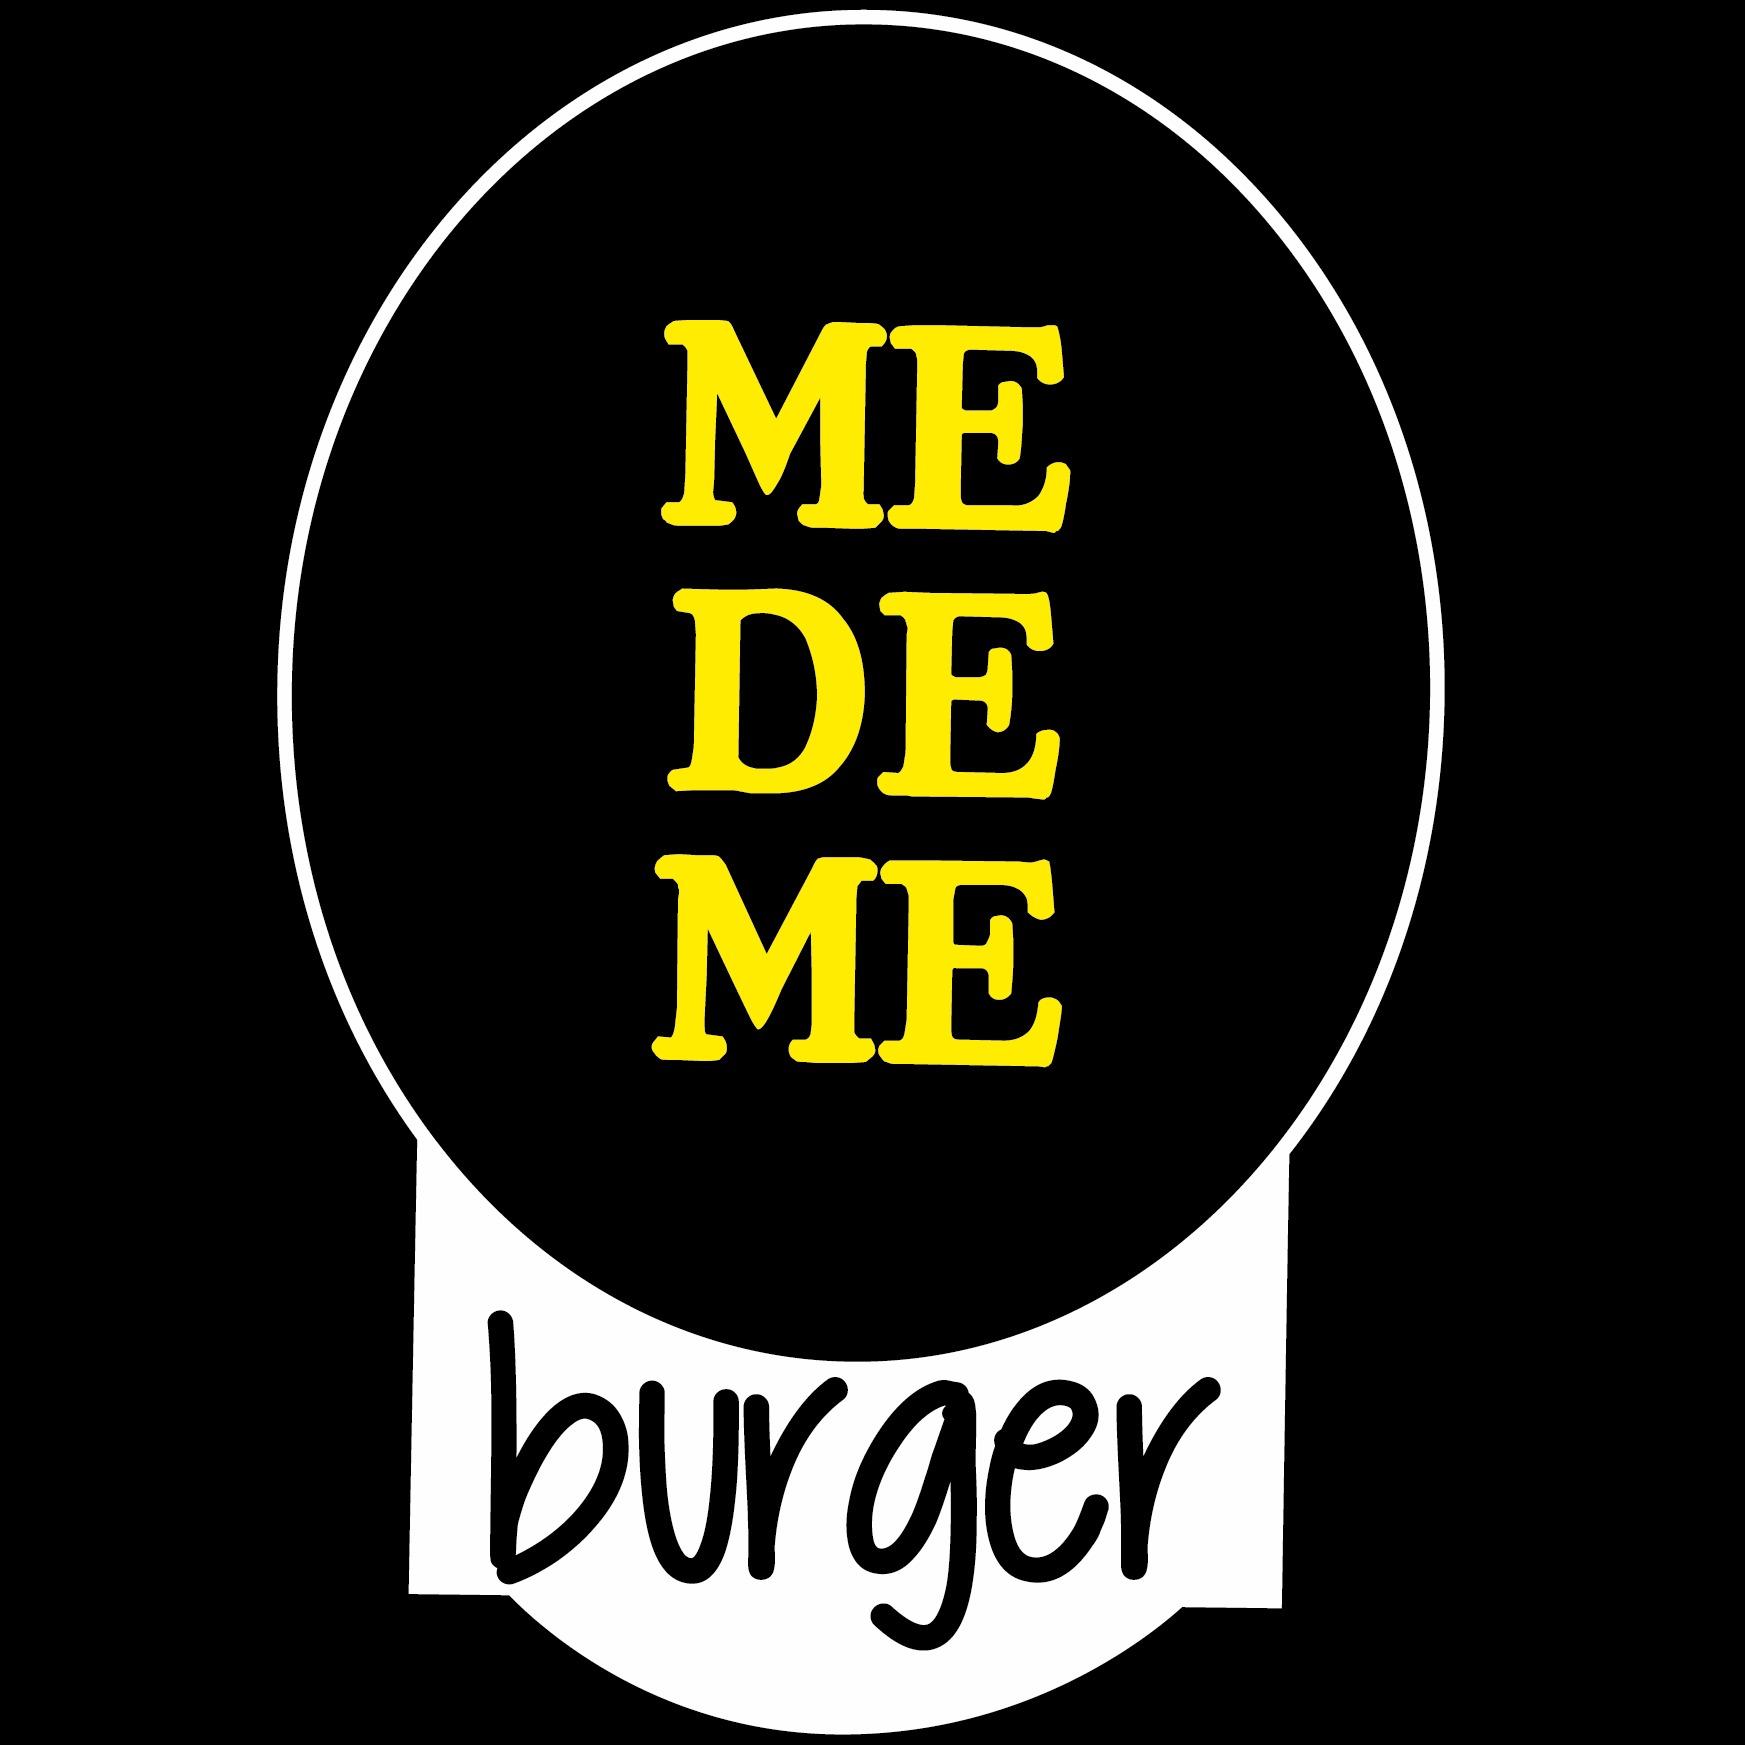 Delivery MEDEME burger